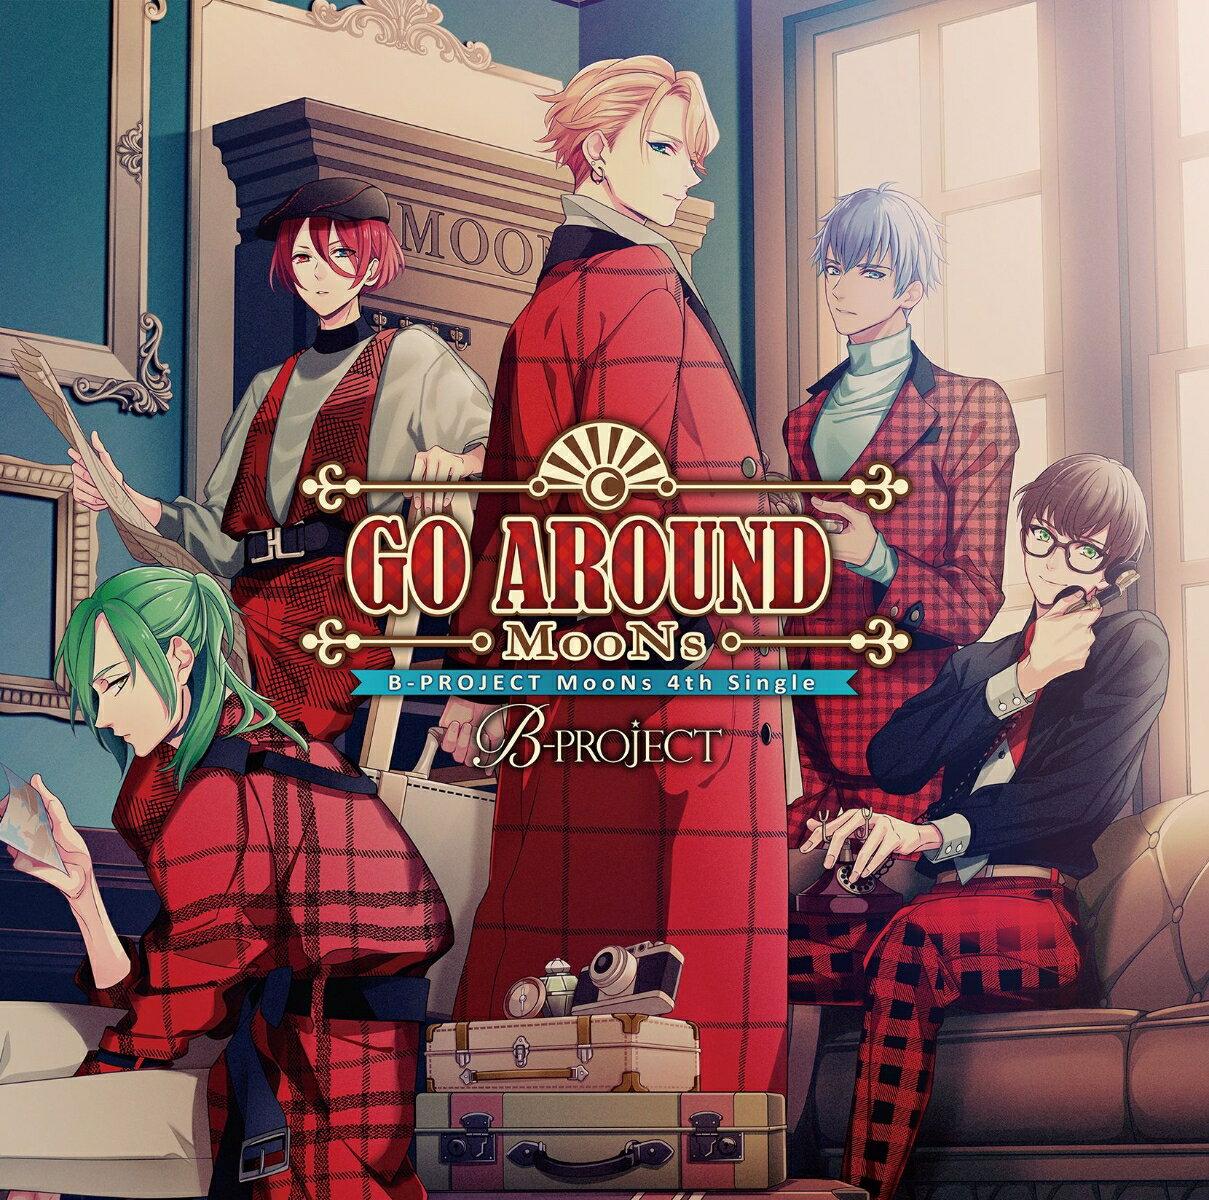 GO AROUND [ MooNs ]